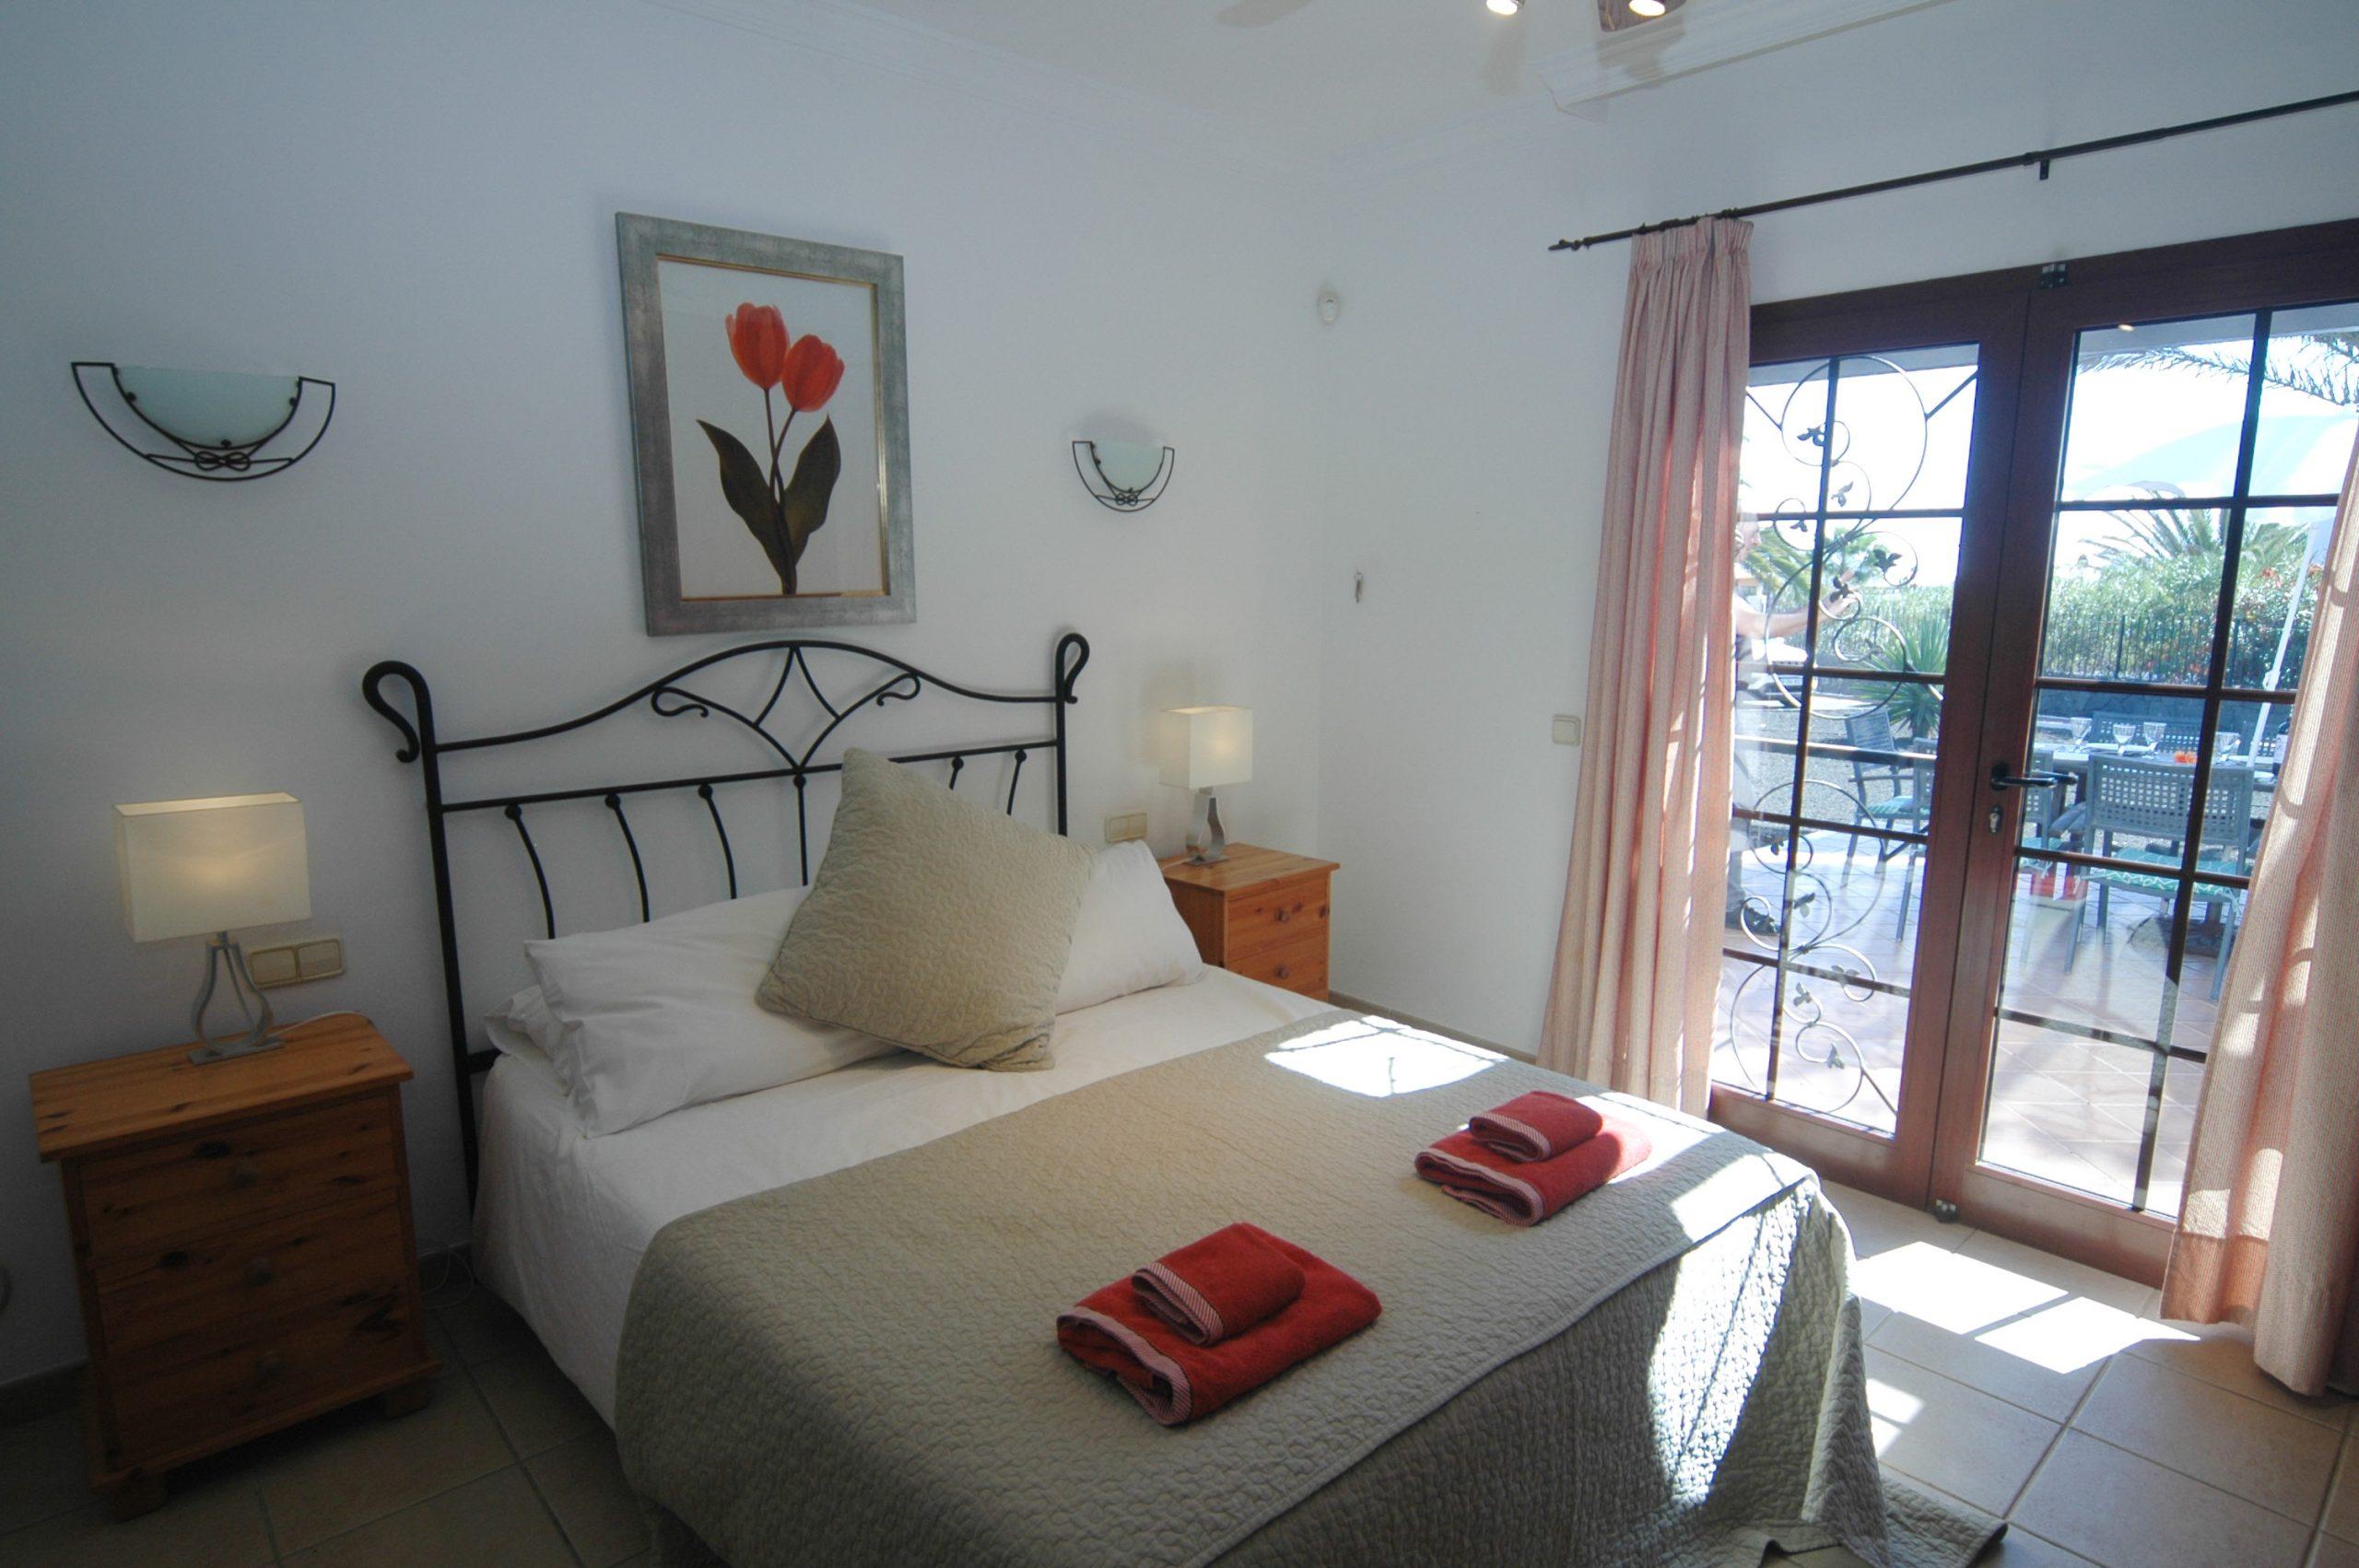 LVC200828 Principal bedroom with en suite bathroom